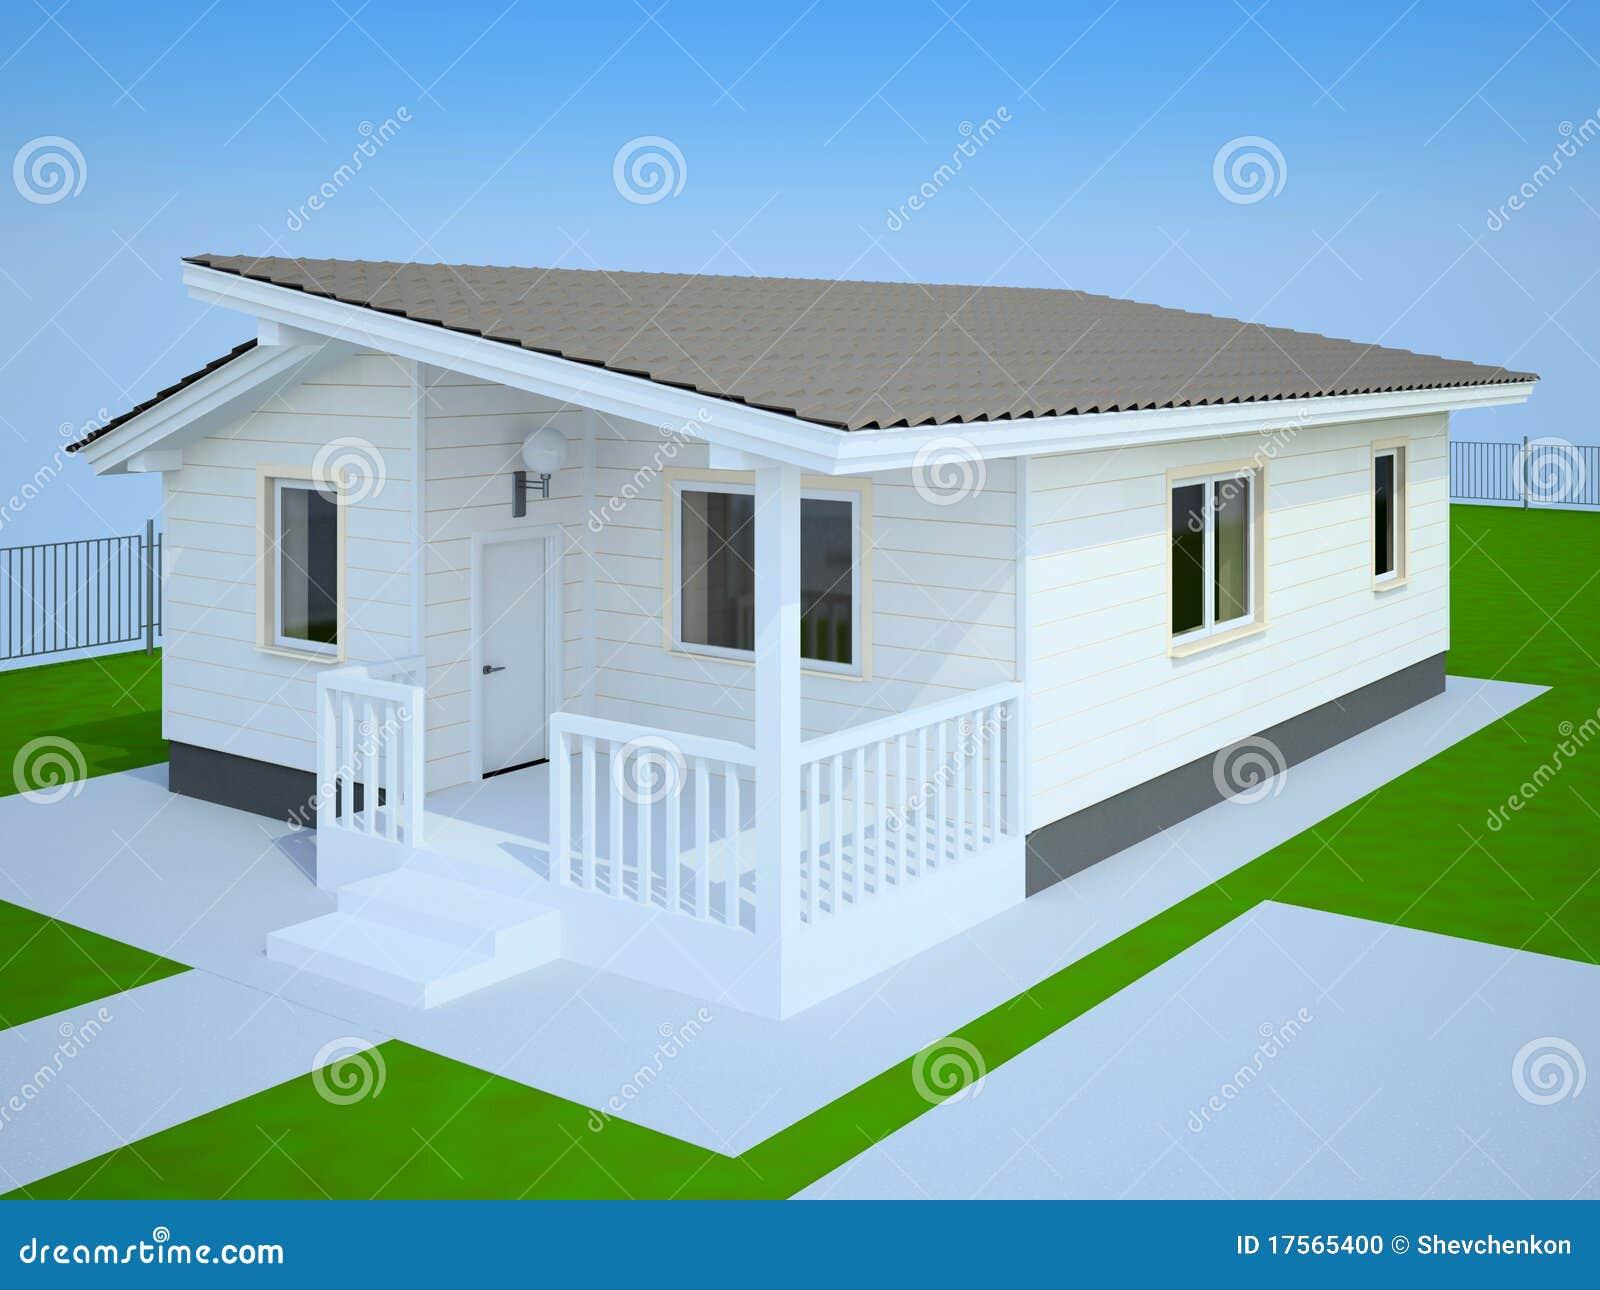 Casa de campo branca pequena ilustra o stock ilustra o de cerca grama 17565400 - Modelos de casas de campo pequenas ...